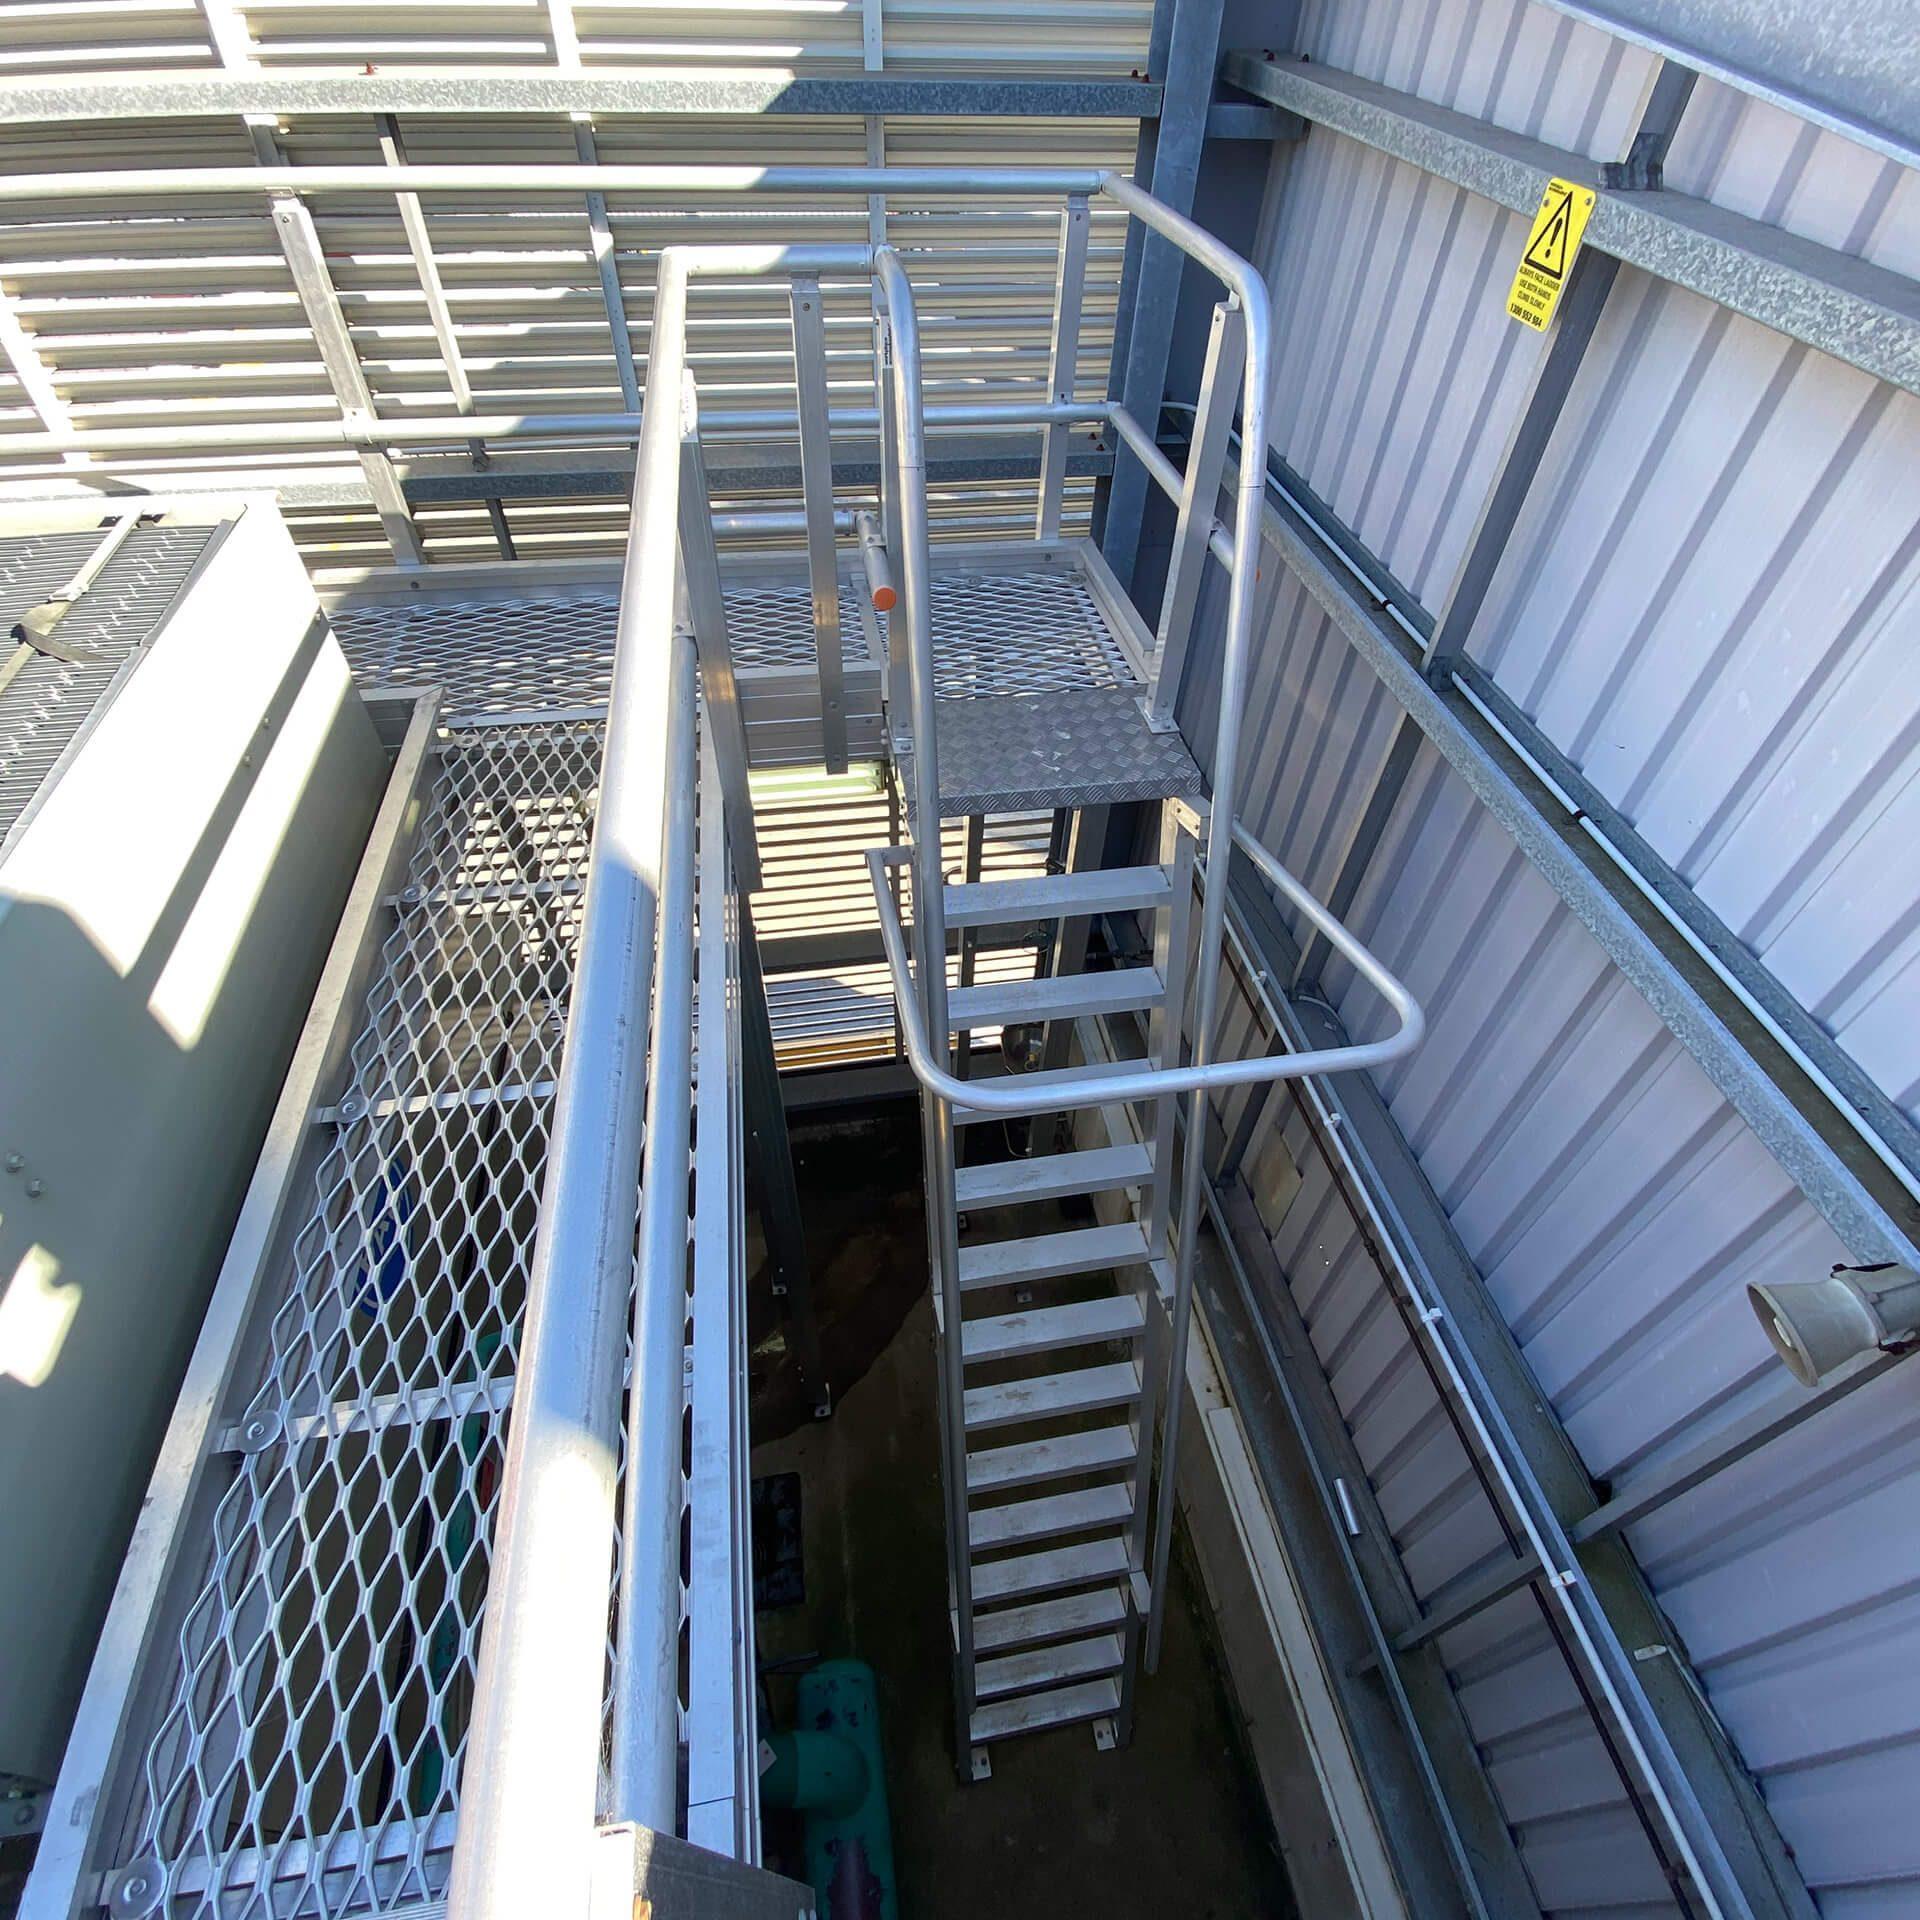 Safetek Sydney Ladders and Guard Rails (2)